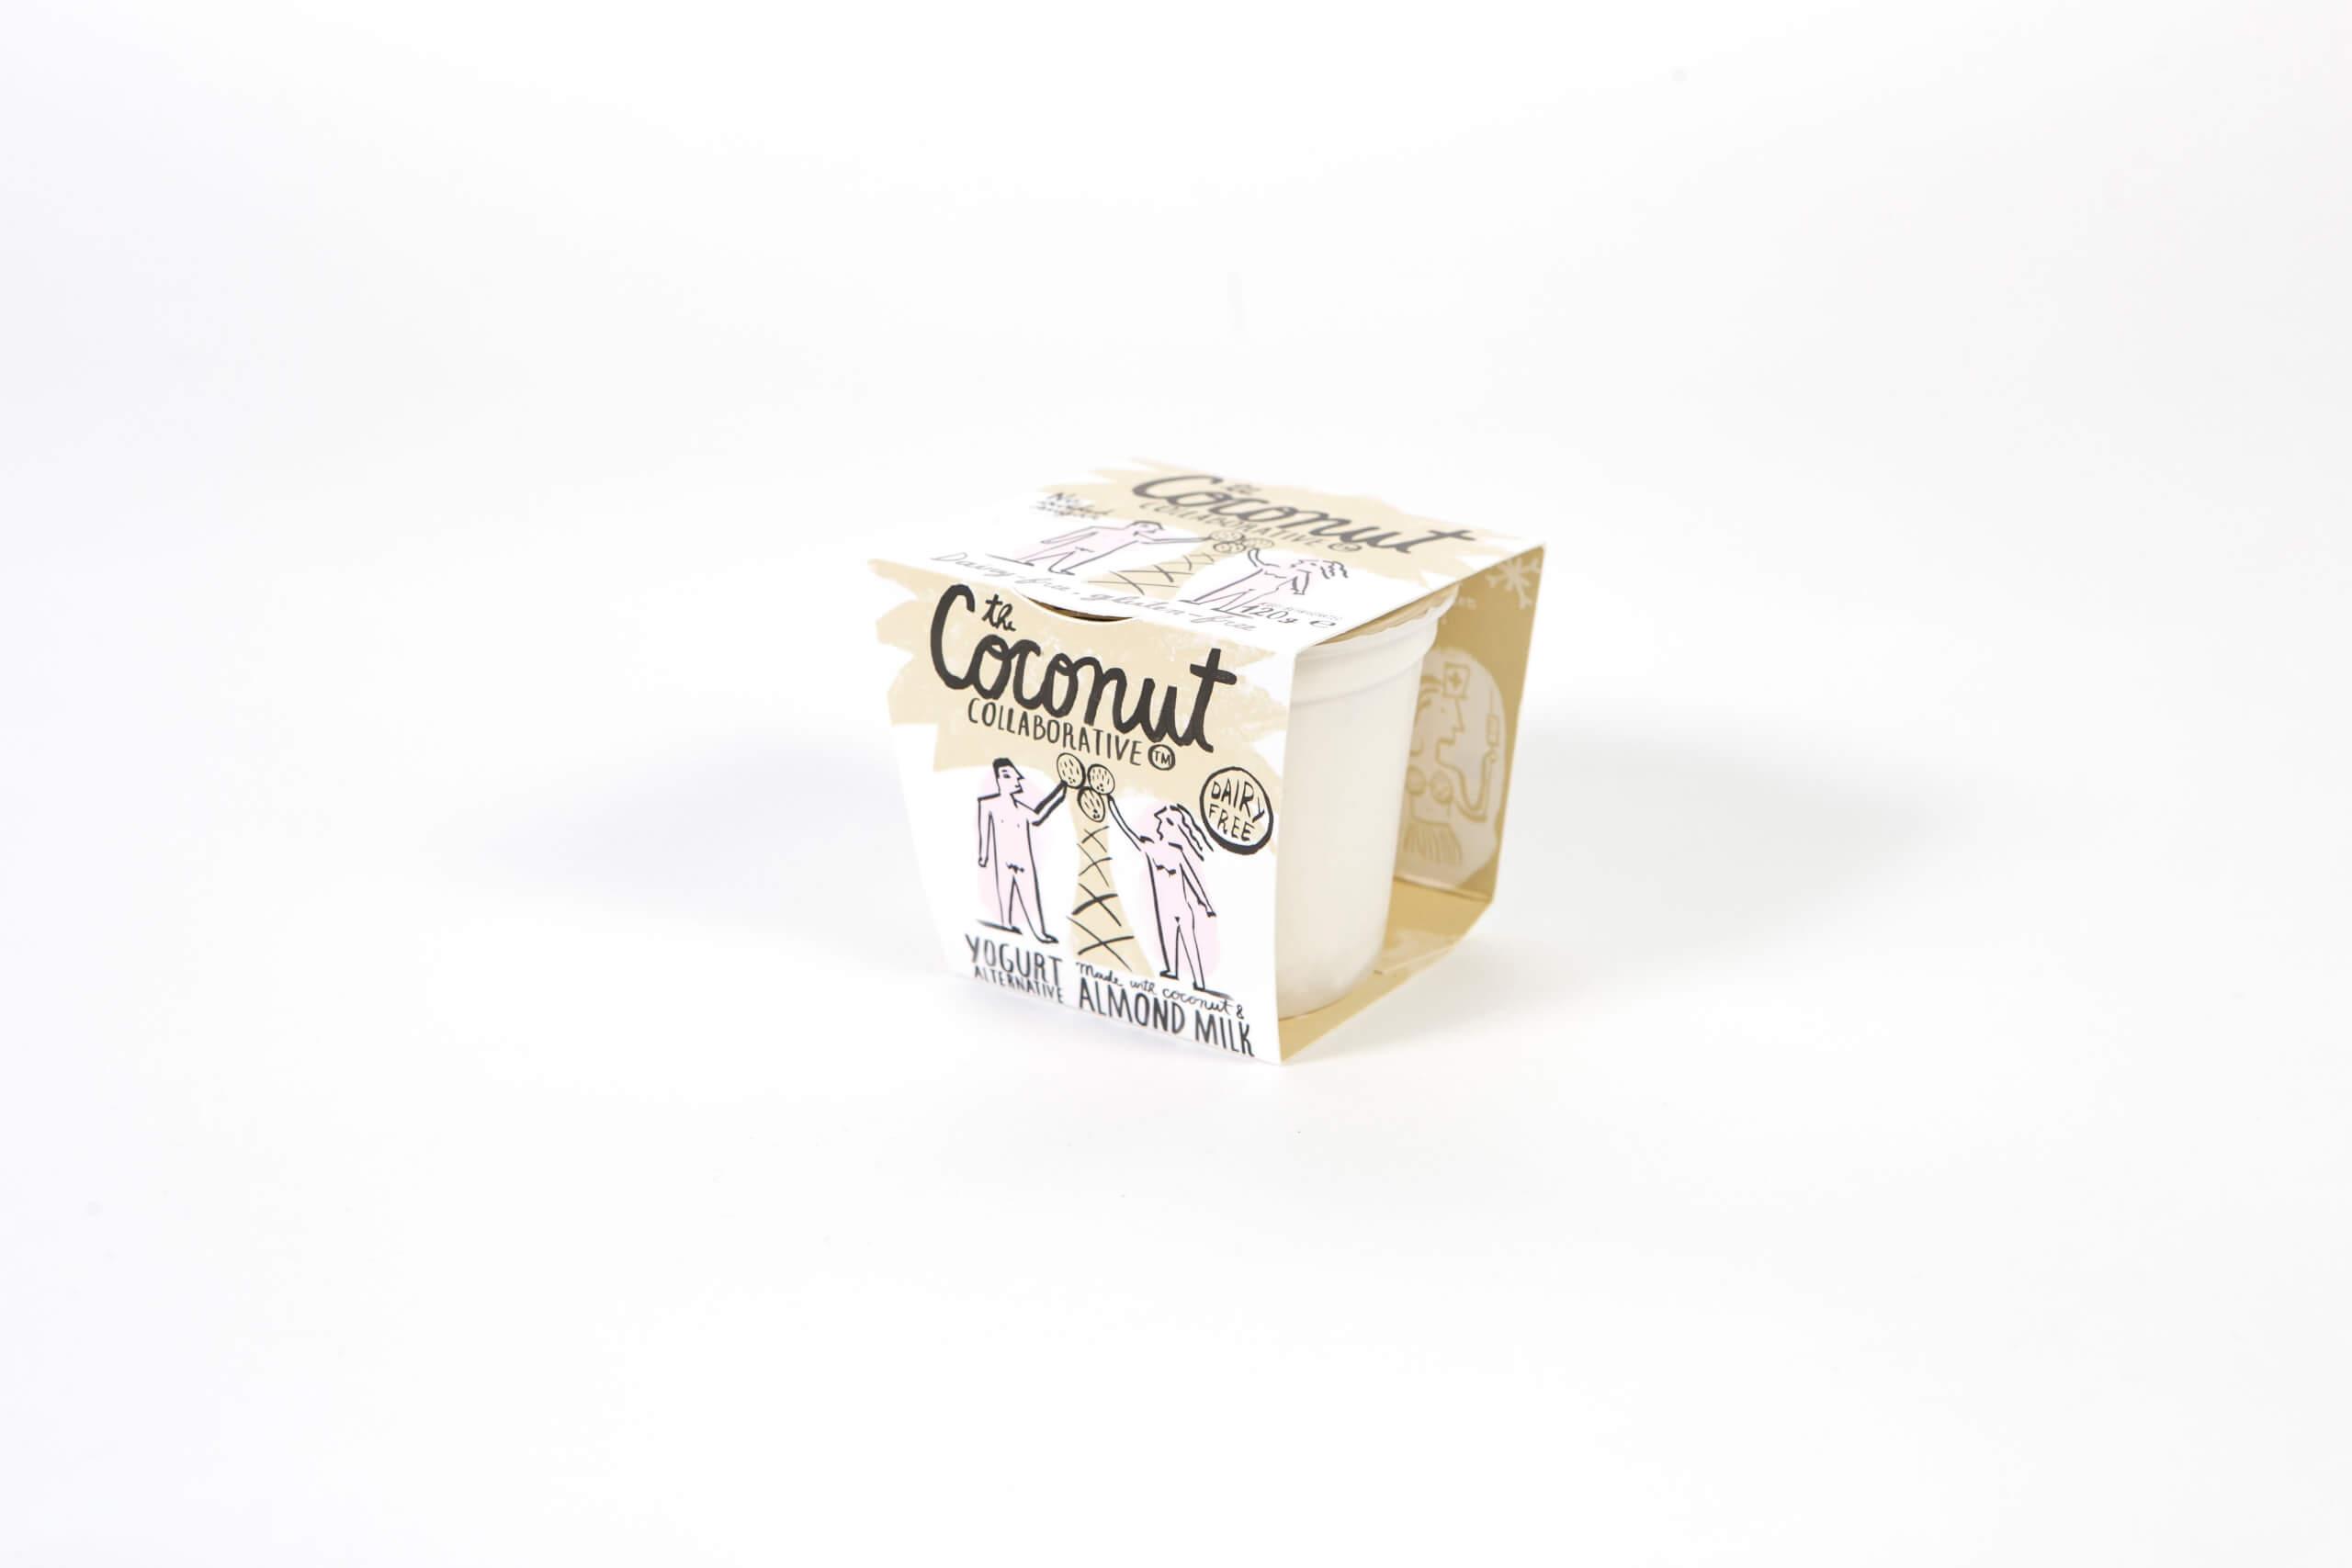 COCONUT COLLABORATIVE3860